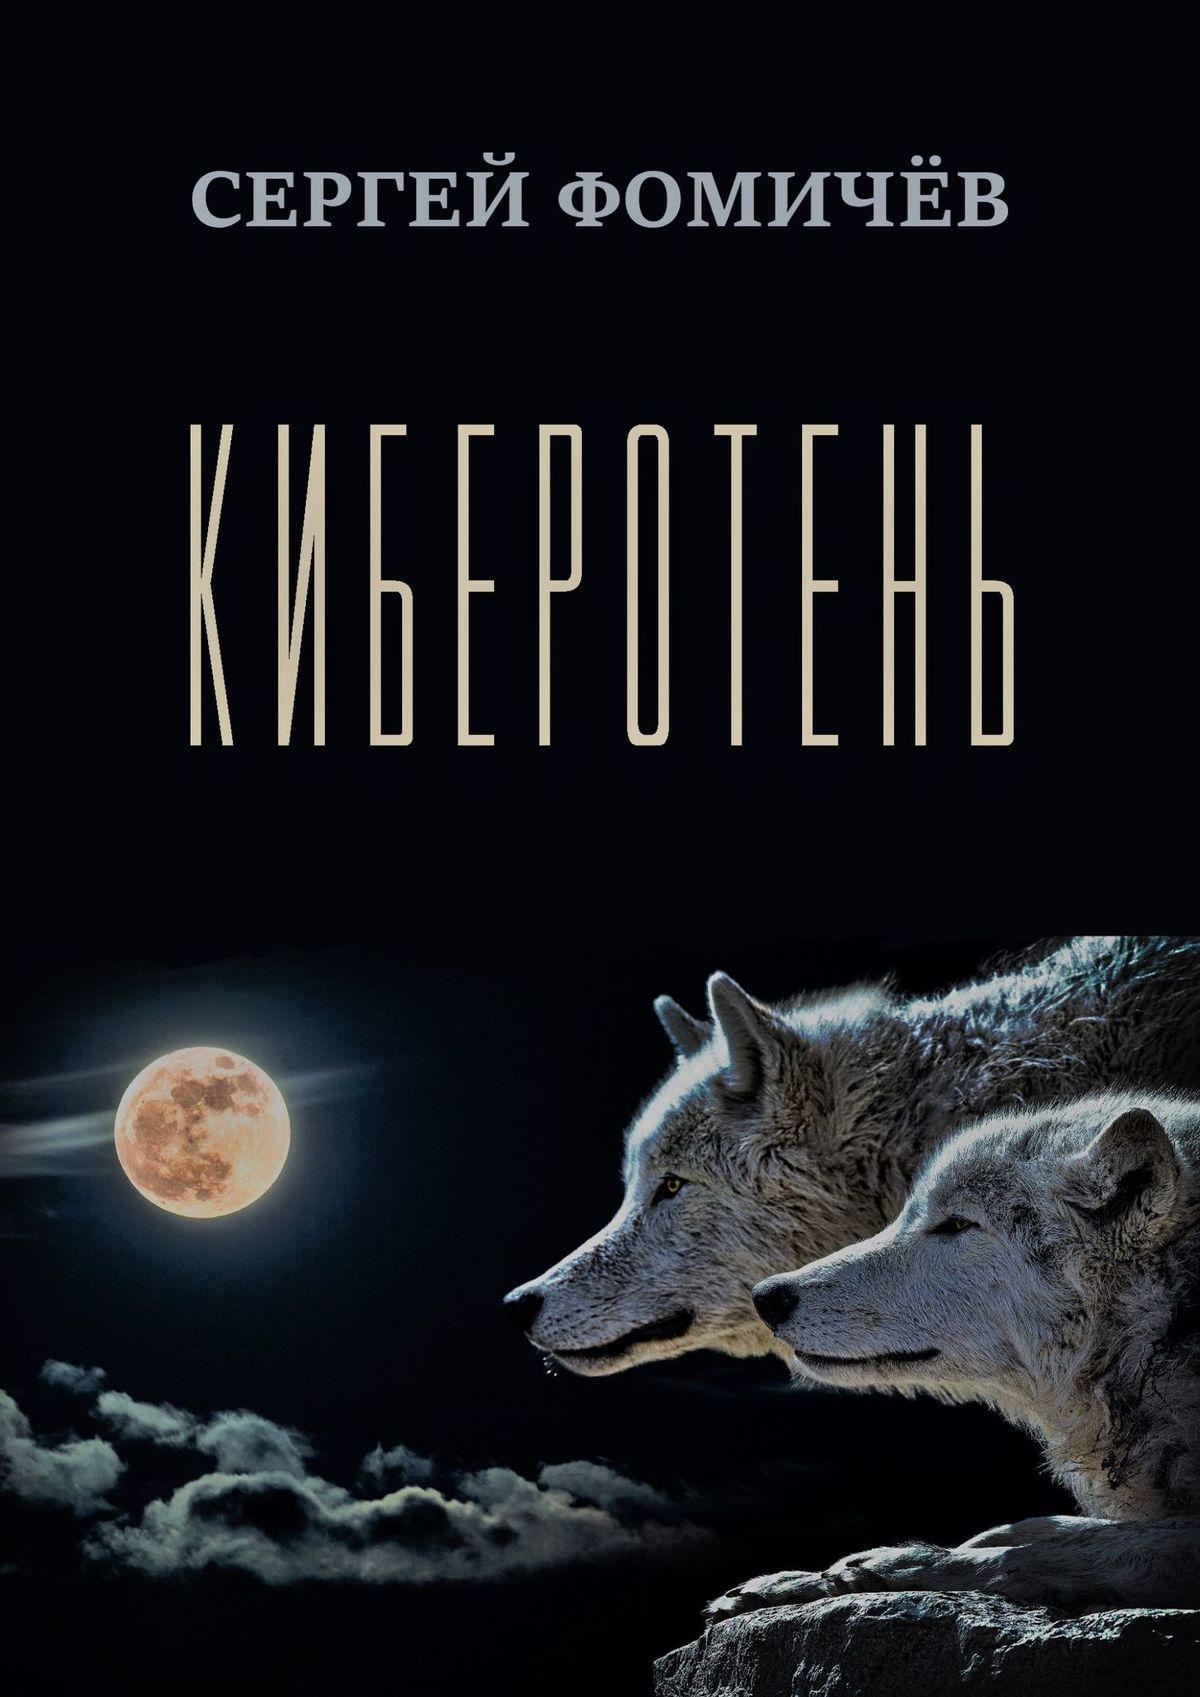 Сергей Фомичёв Киберотень. Рассказ